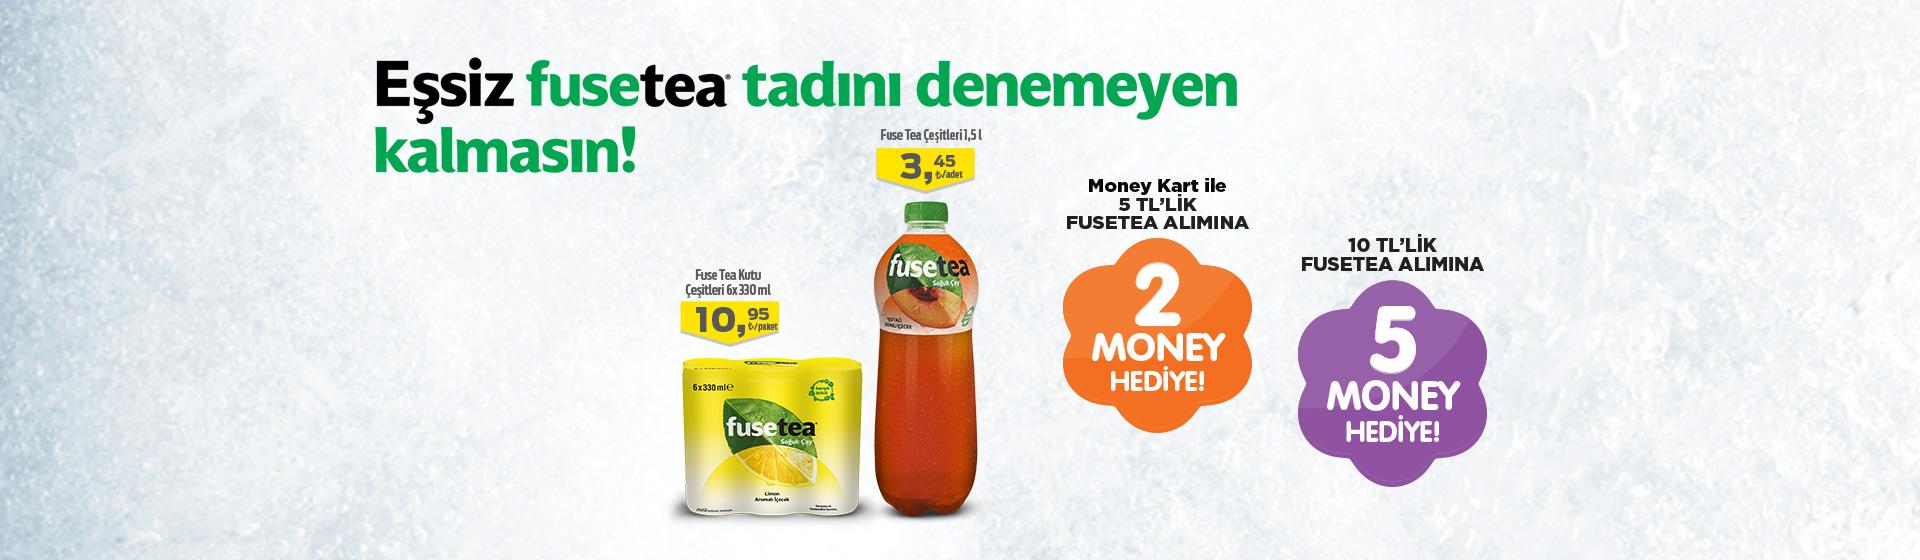 FuseTea Money Kampanyası